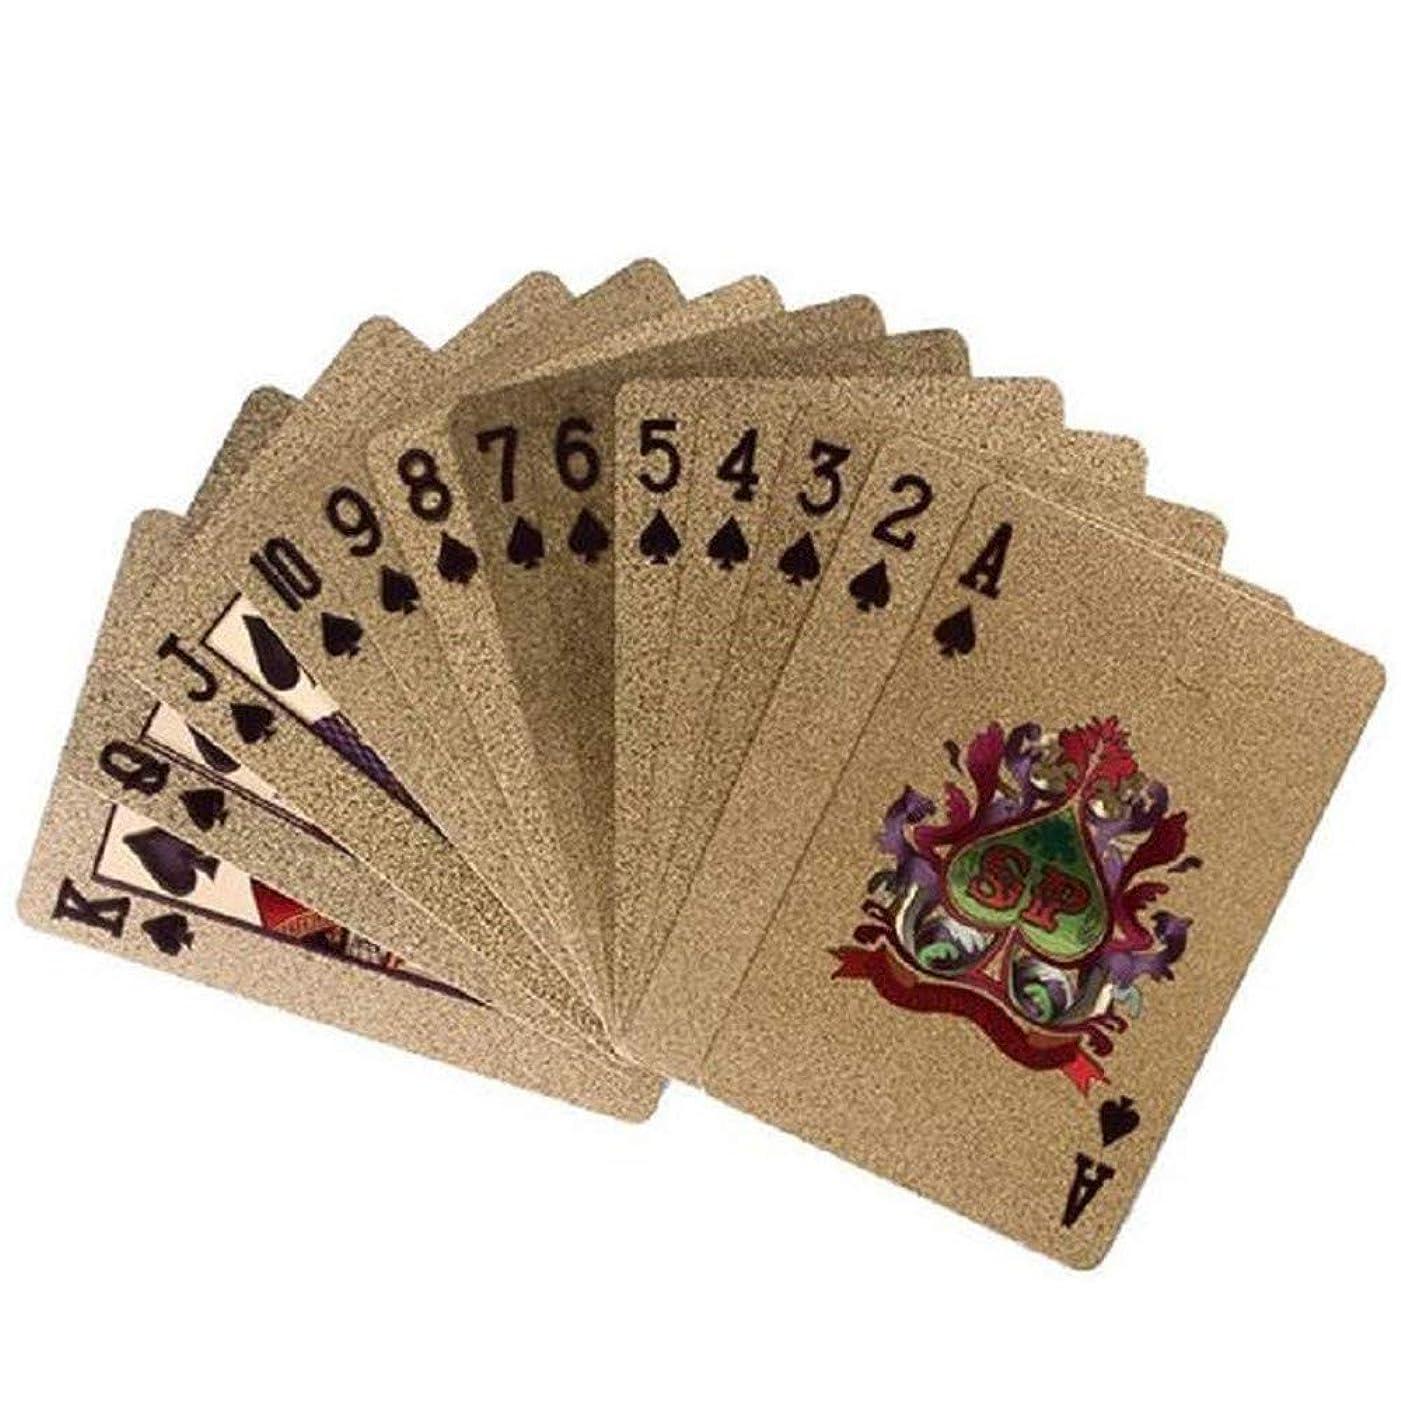 急速な外観敬意を表するMen club 1PCS防水金箔ポーカー高級金メッキトランプマジックトリックツールは、クリエイティブで便利なパーティーカードデッキゲームに最適です